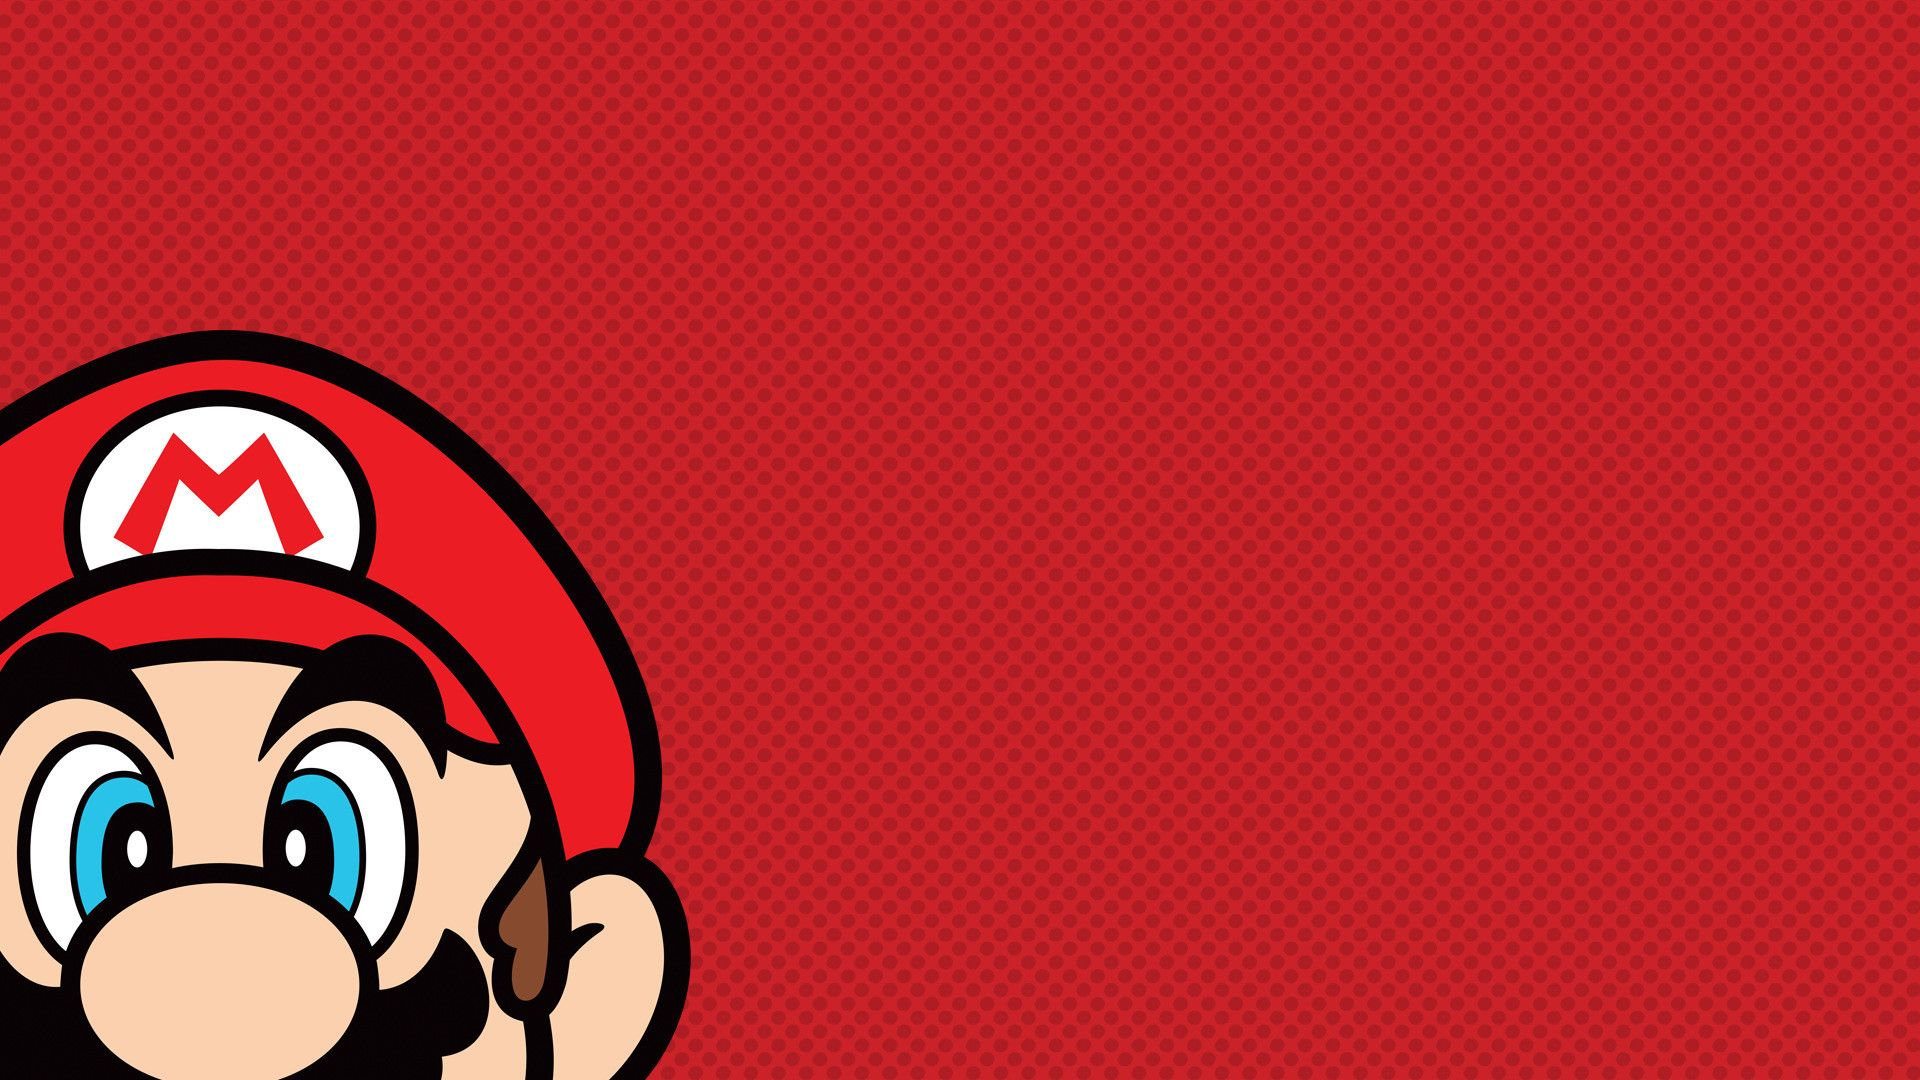 Nintendo Desktop Wallpapers Top Free Nintendo Desktop Backgrounds Wallpaperaccess